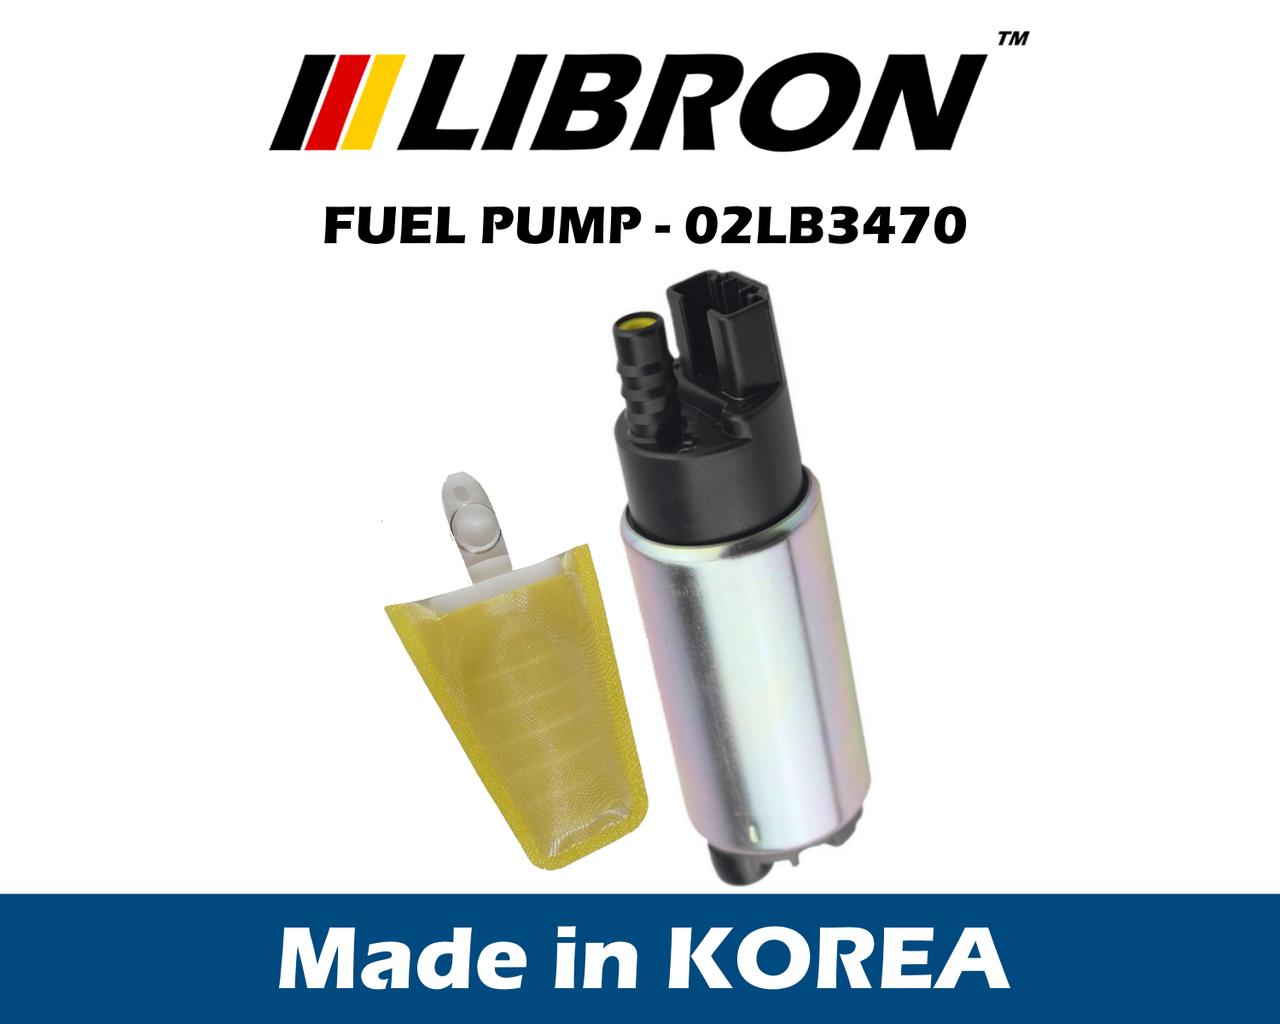 Топливный насос LIBRON 02LB3470 - Honda ACCORD IV (1990-1993)